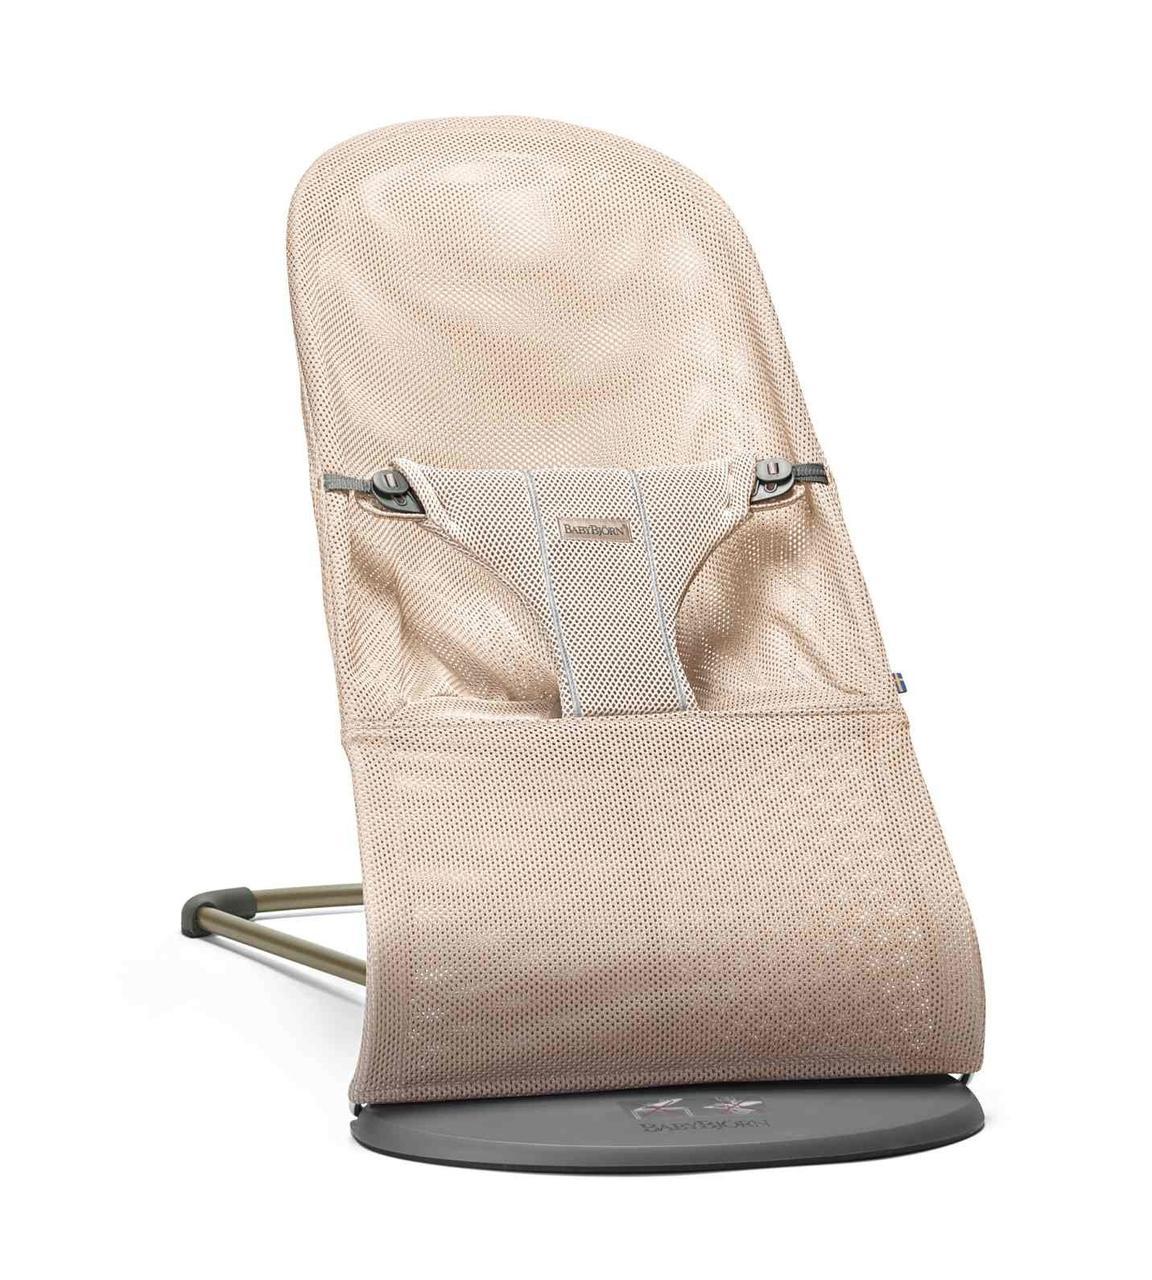 BABYBJORN - Кресло-шезлонг BLISS MESH, цвет жемчужно-розовый